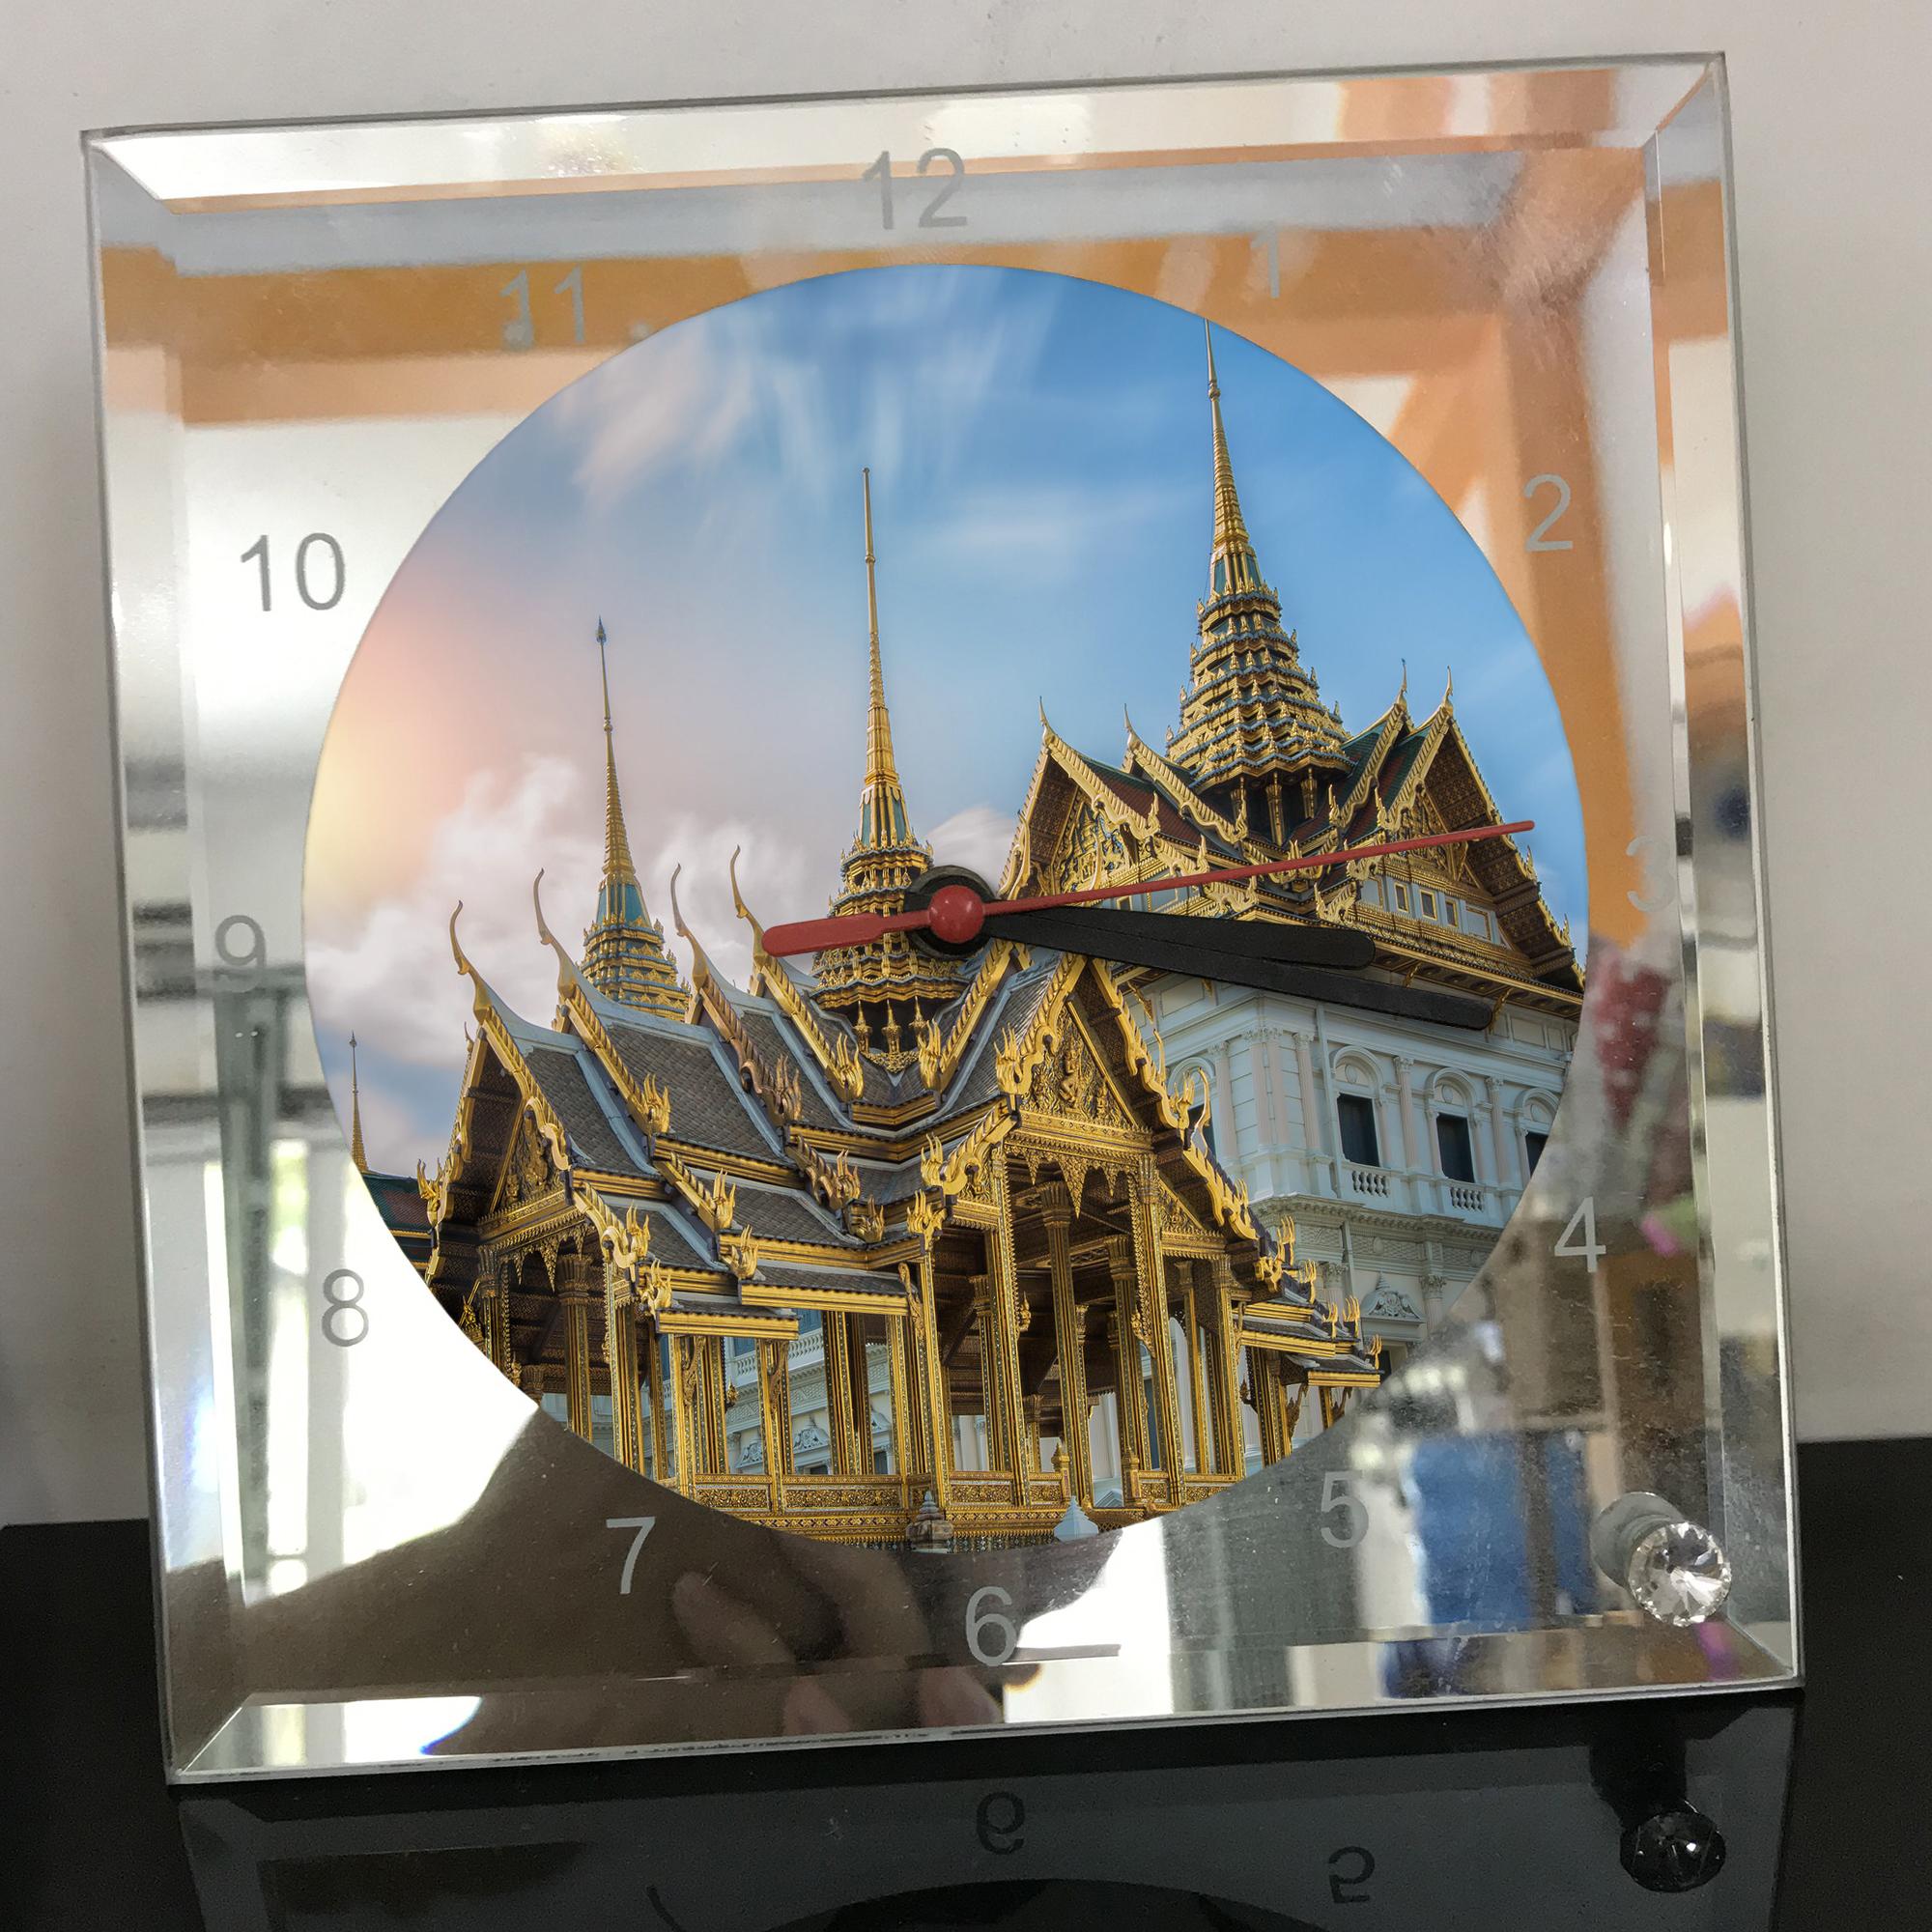 Đồng hồ thủy tinh vuông 20x20 in hình Temple - đền thờ (89) . Đồng hồ thủy tinh để bàn trang trí đẹp chủ đề tôn giáo